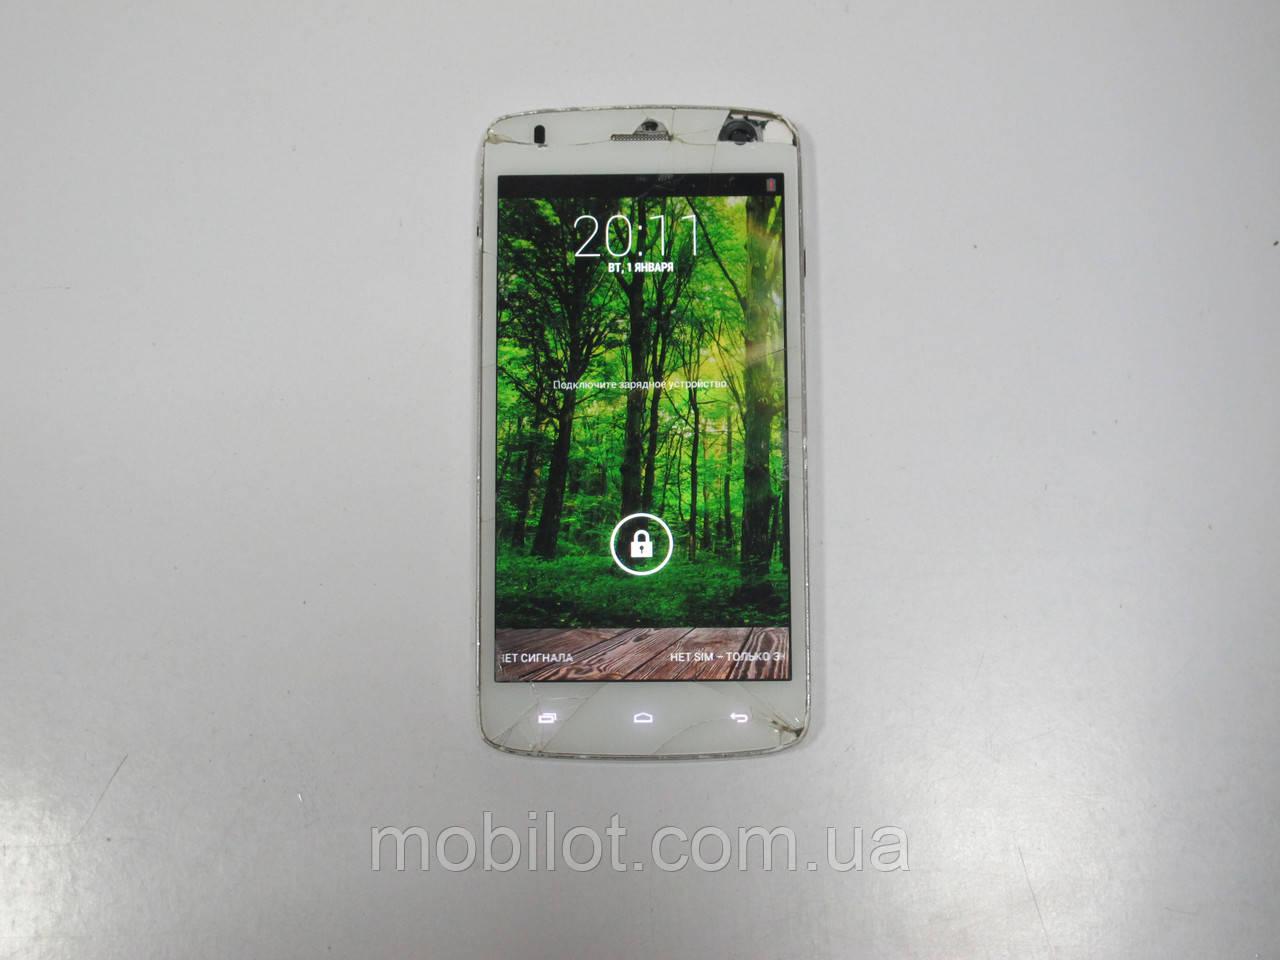 Мобильный телефон Fly IQ4503 (TZ-4994)